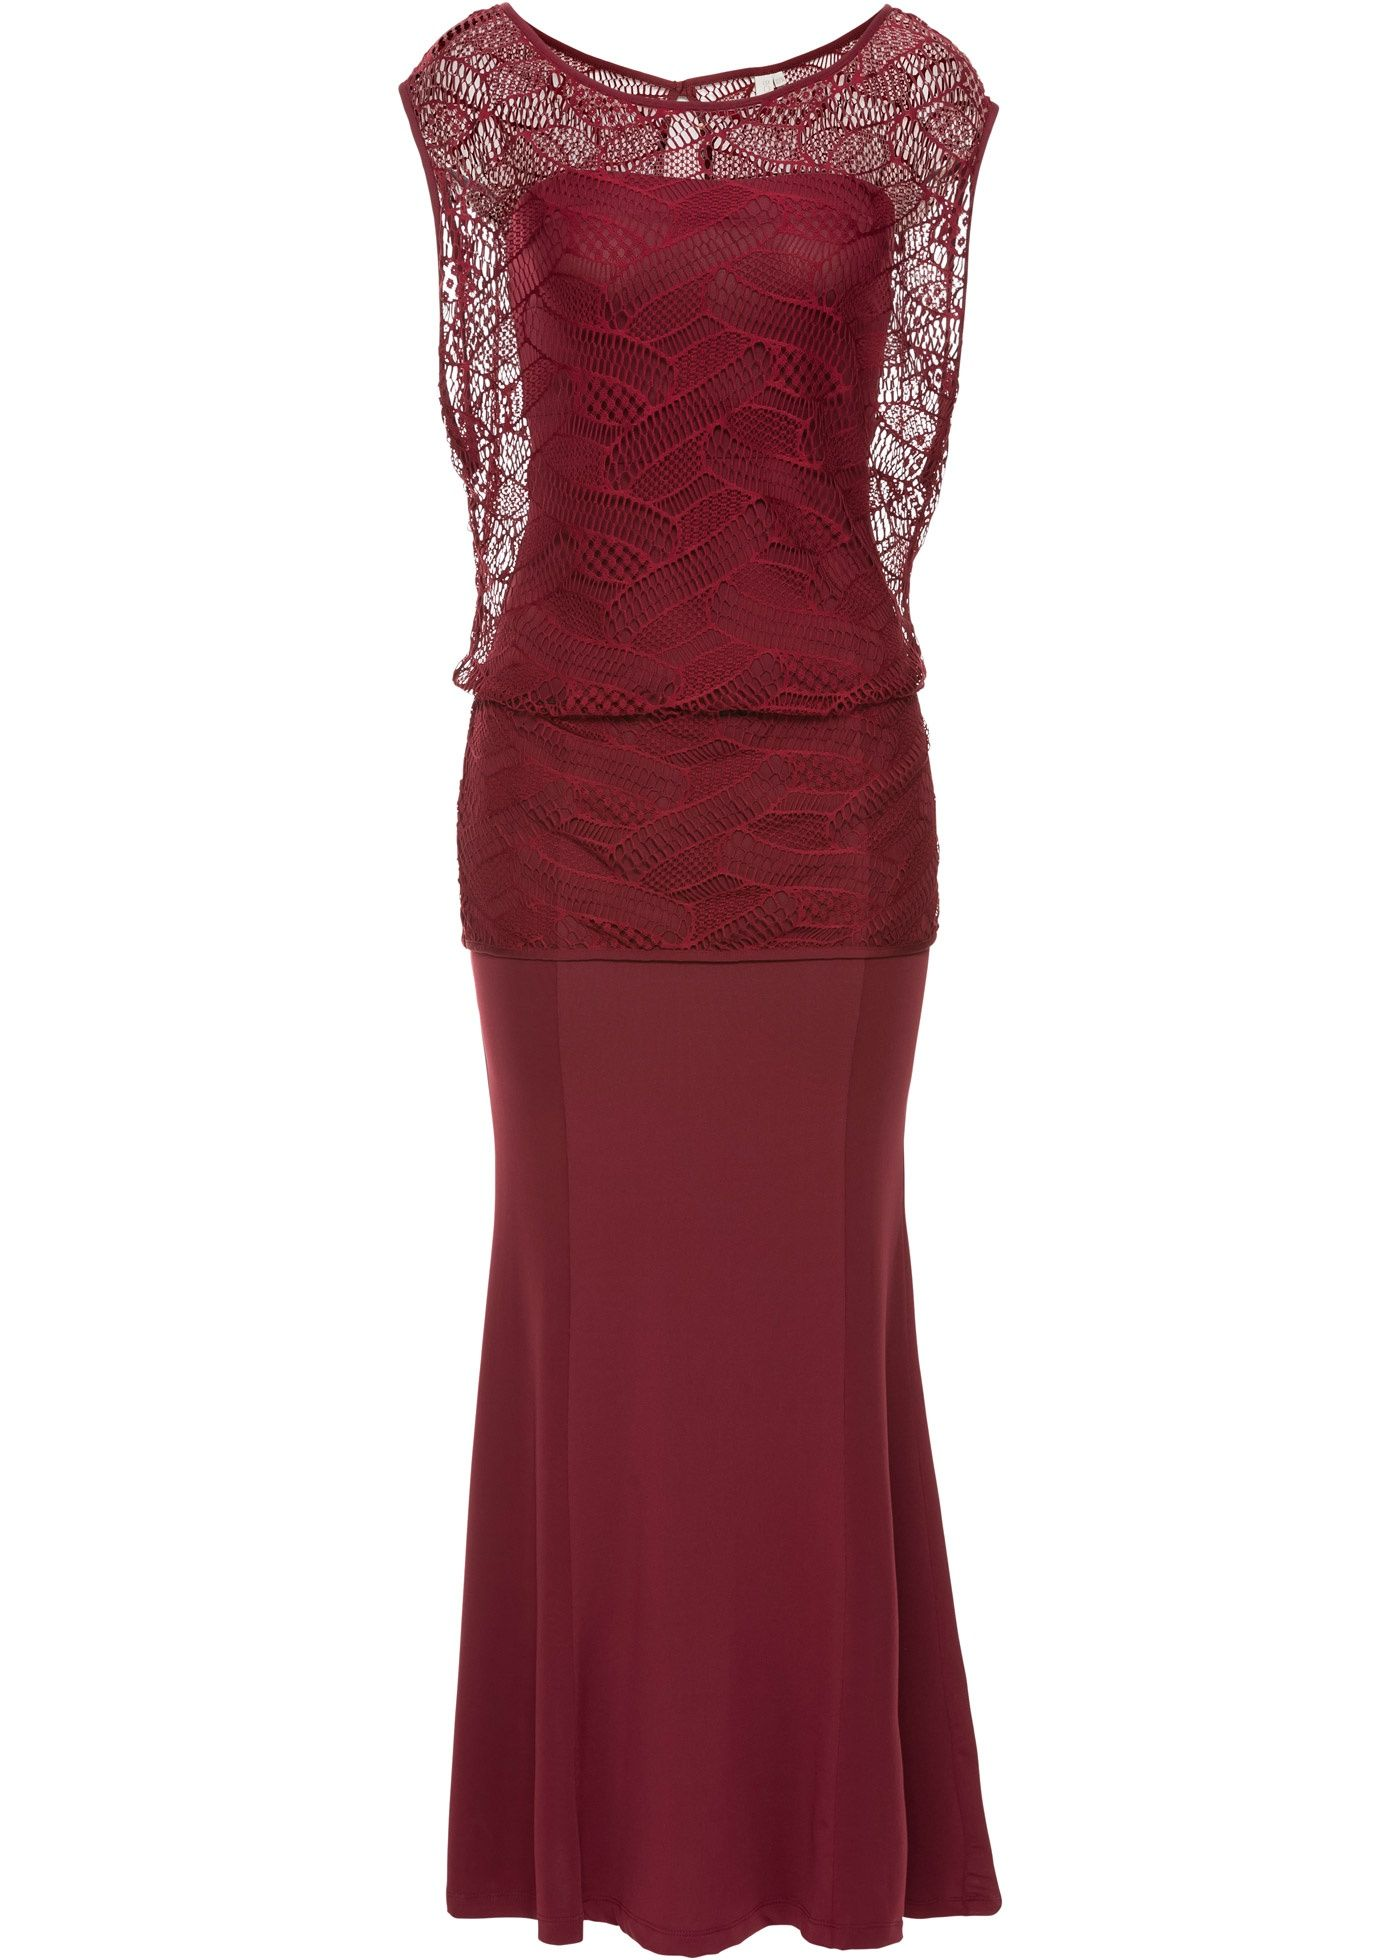 Verführerisches Kleid mit Spitzenoberteil | Fashion